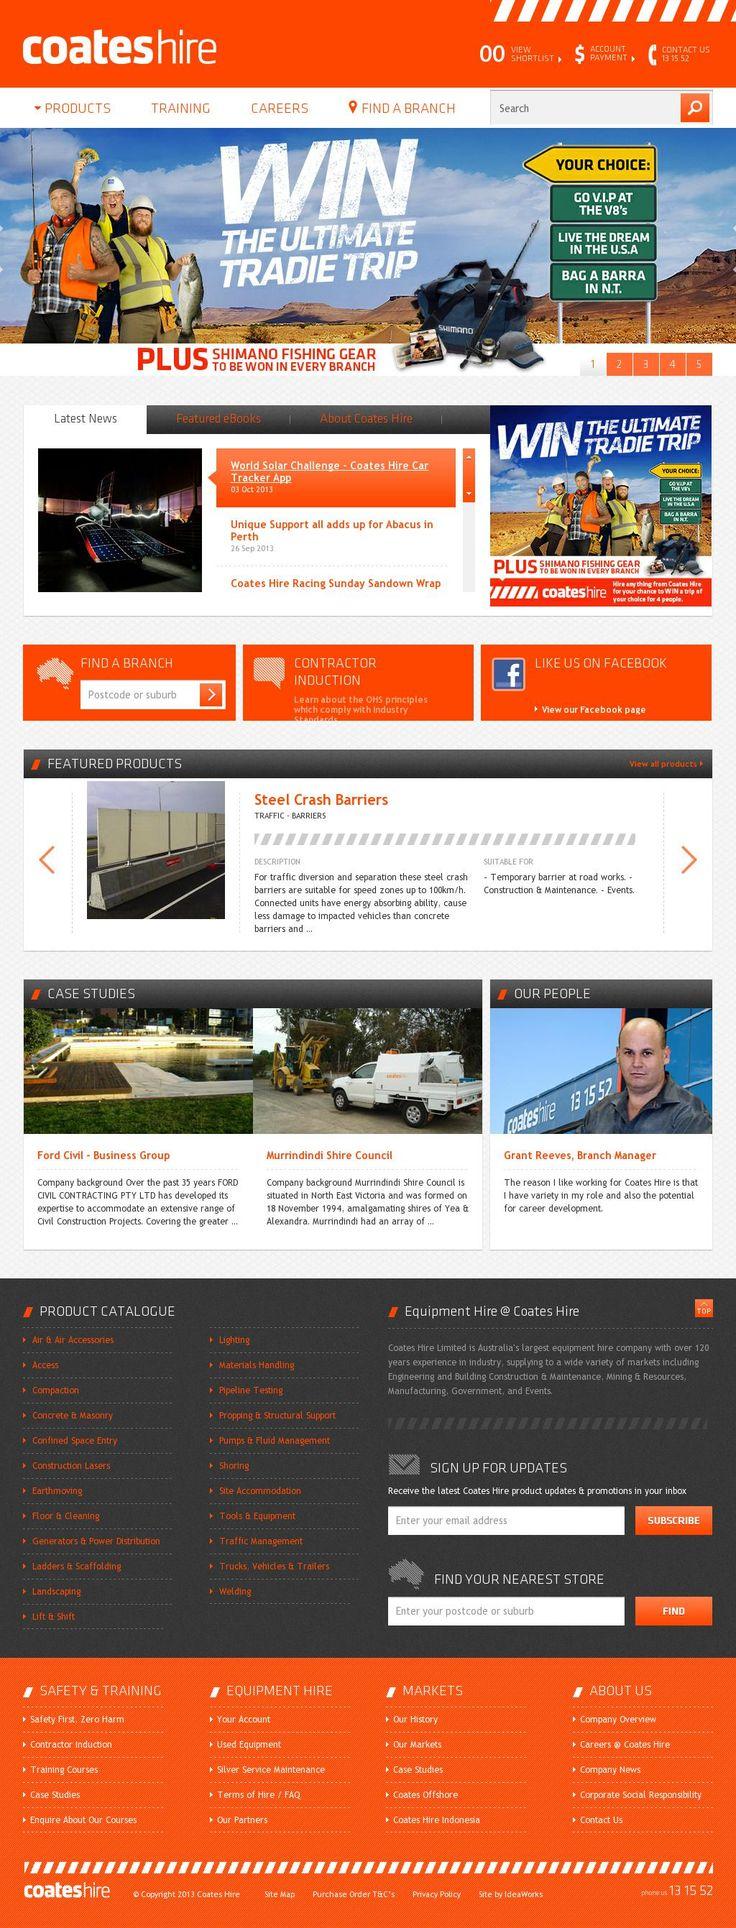 The website 'http://www.coateshire.com.au/home' courtesy of @Pinstamatic (http://pinstamatic.com)